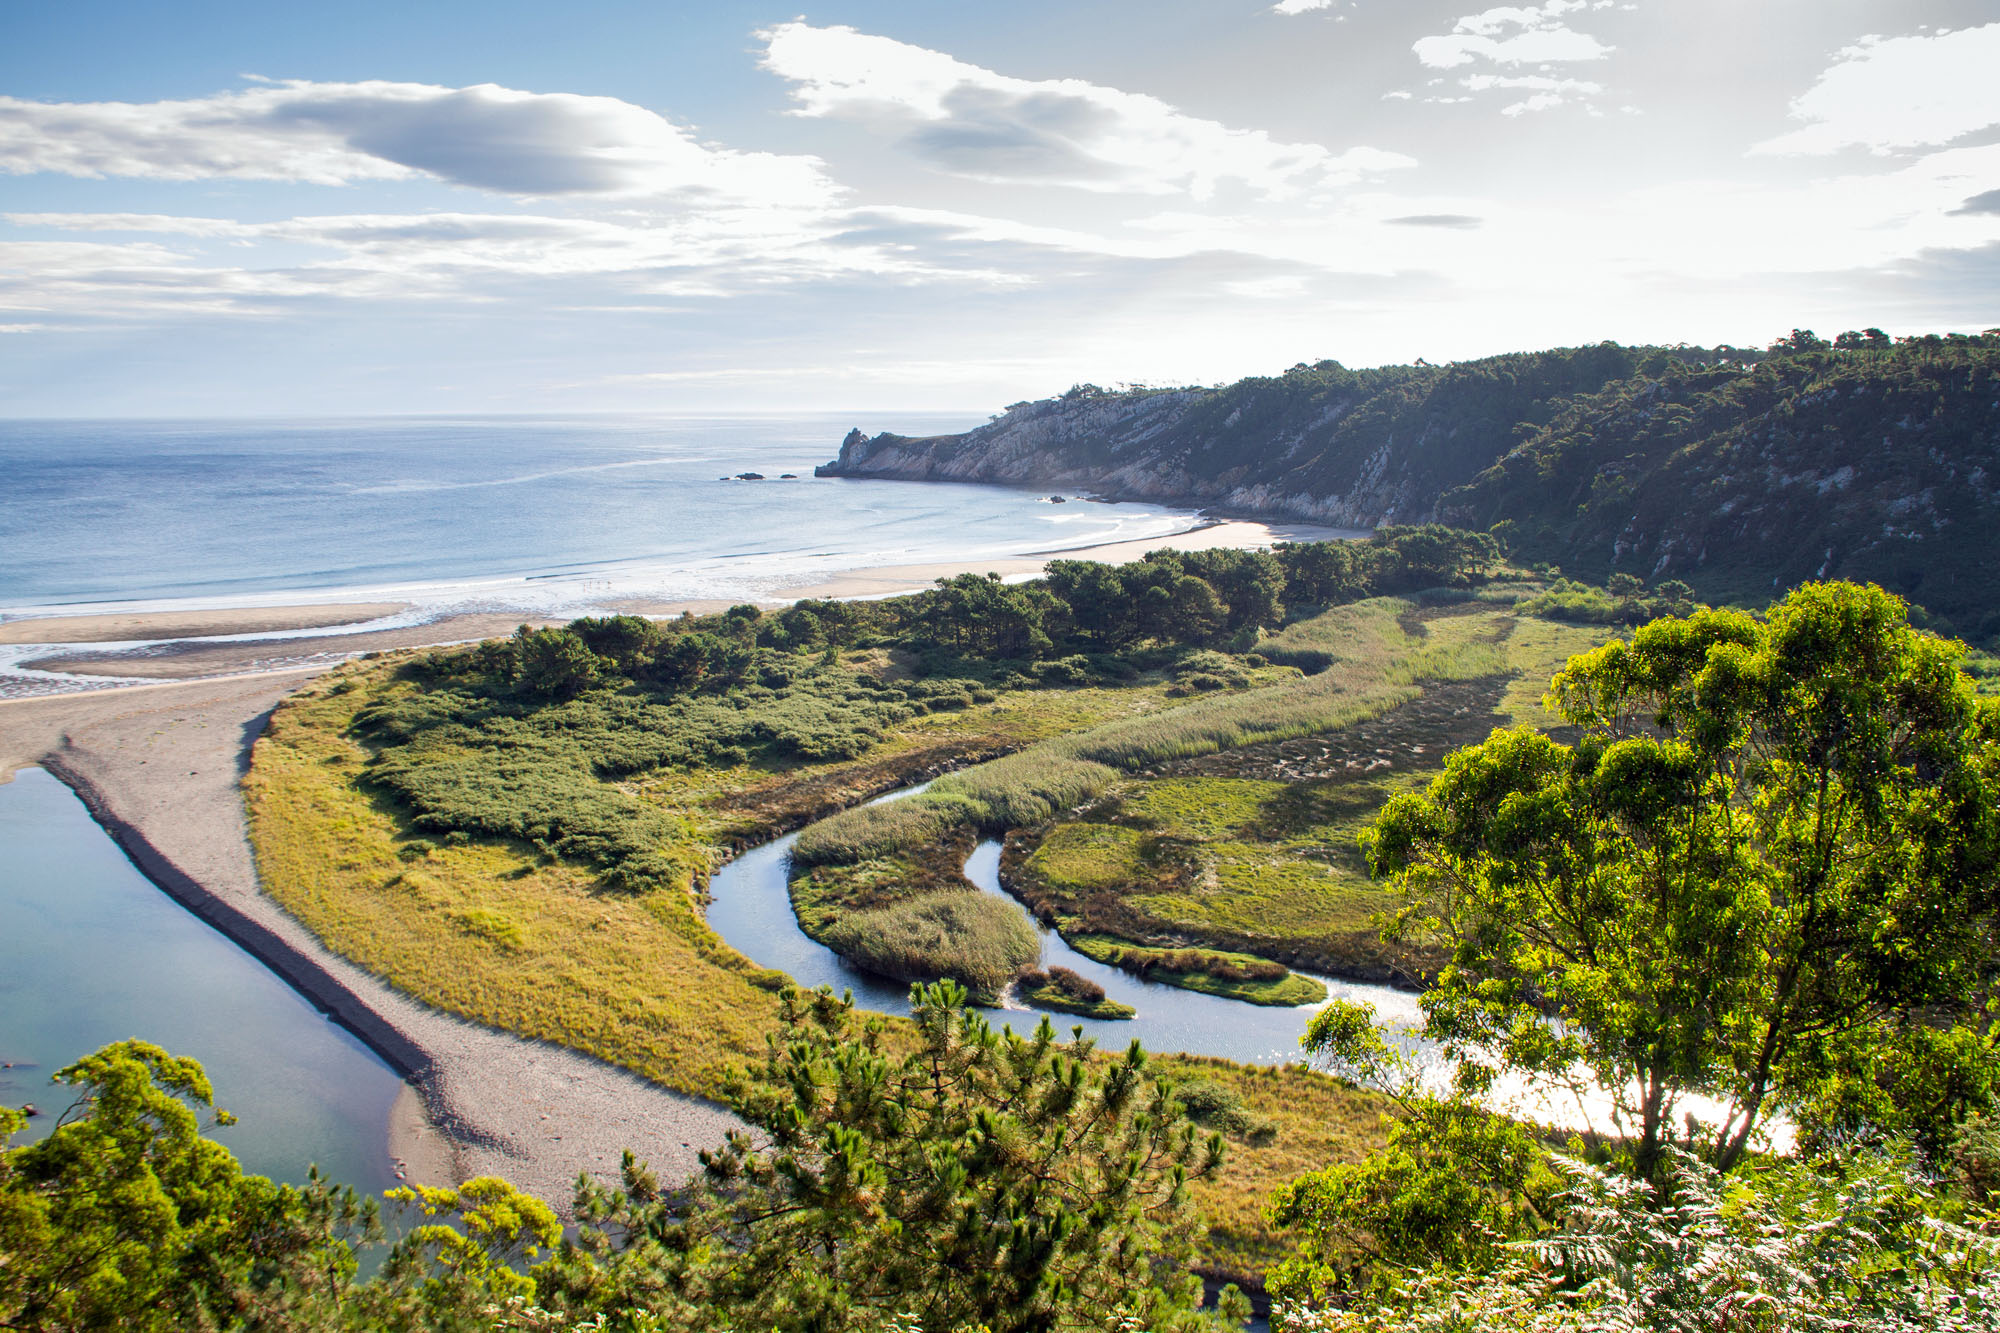 Unique beach and nature in Asturias